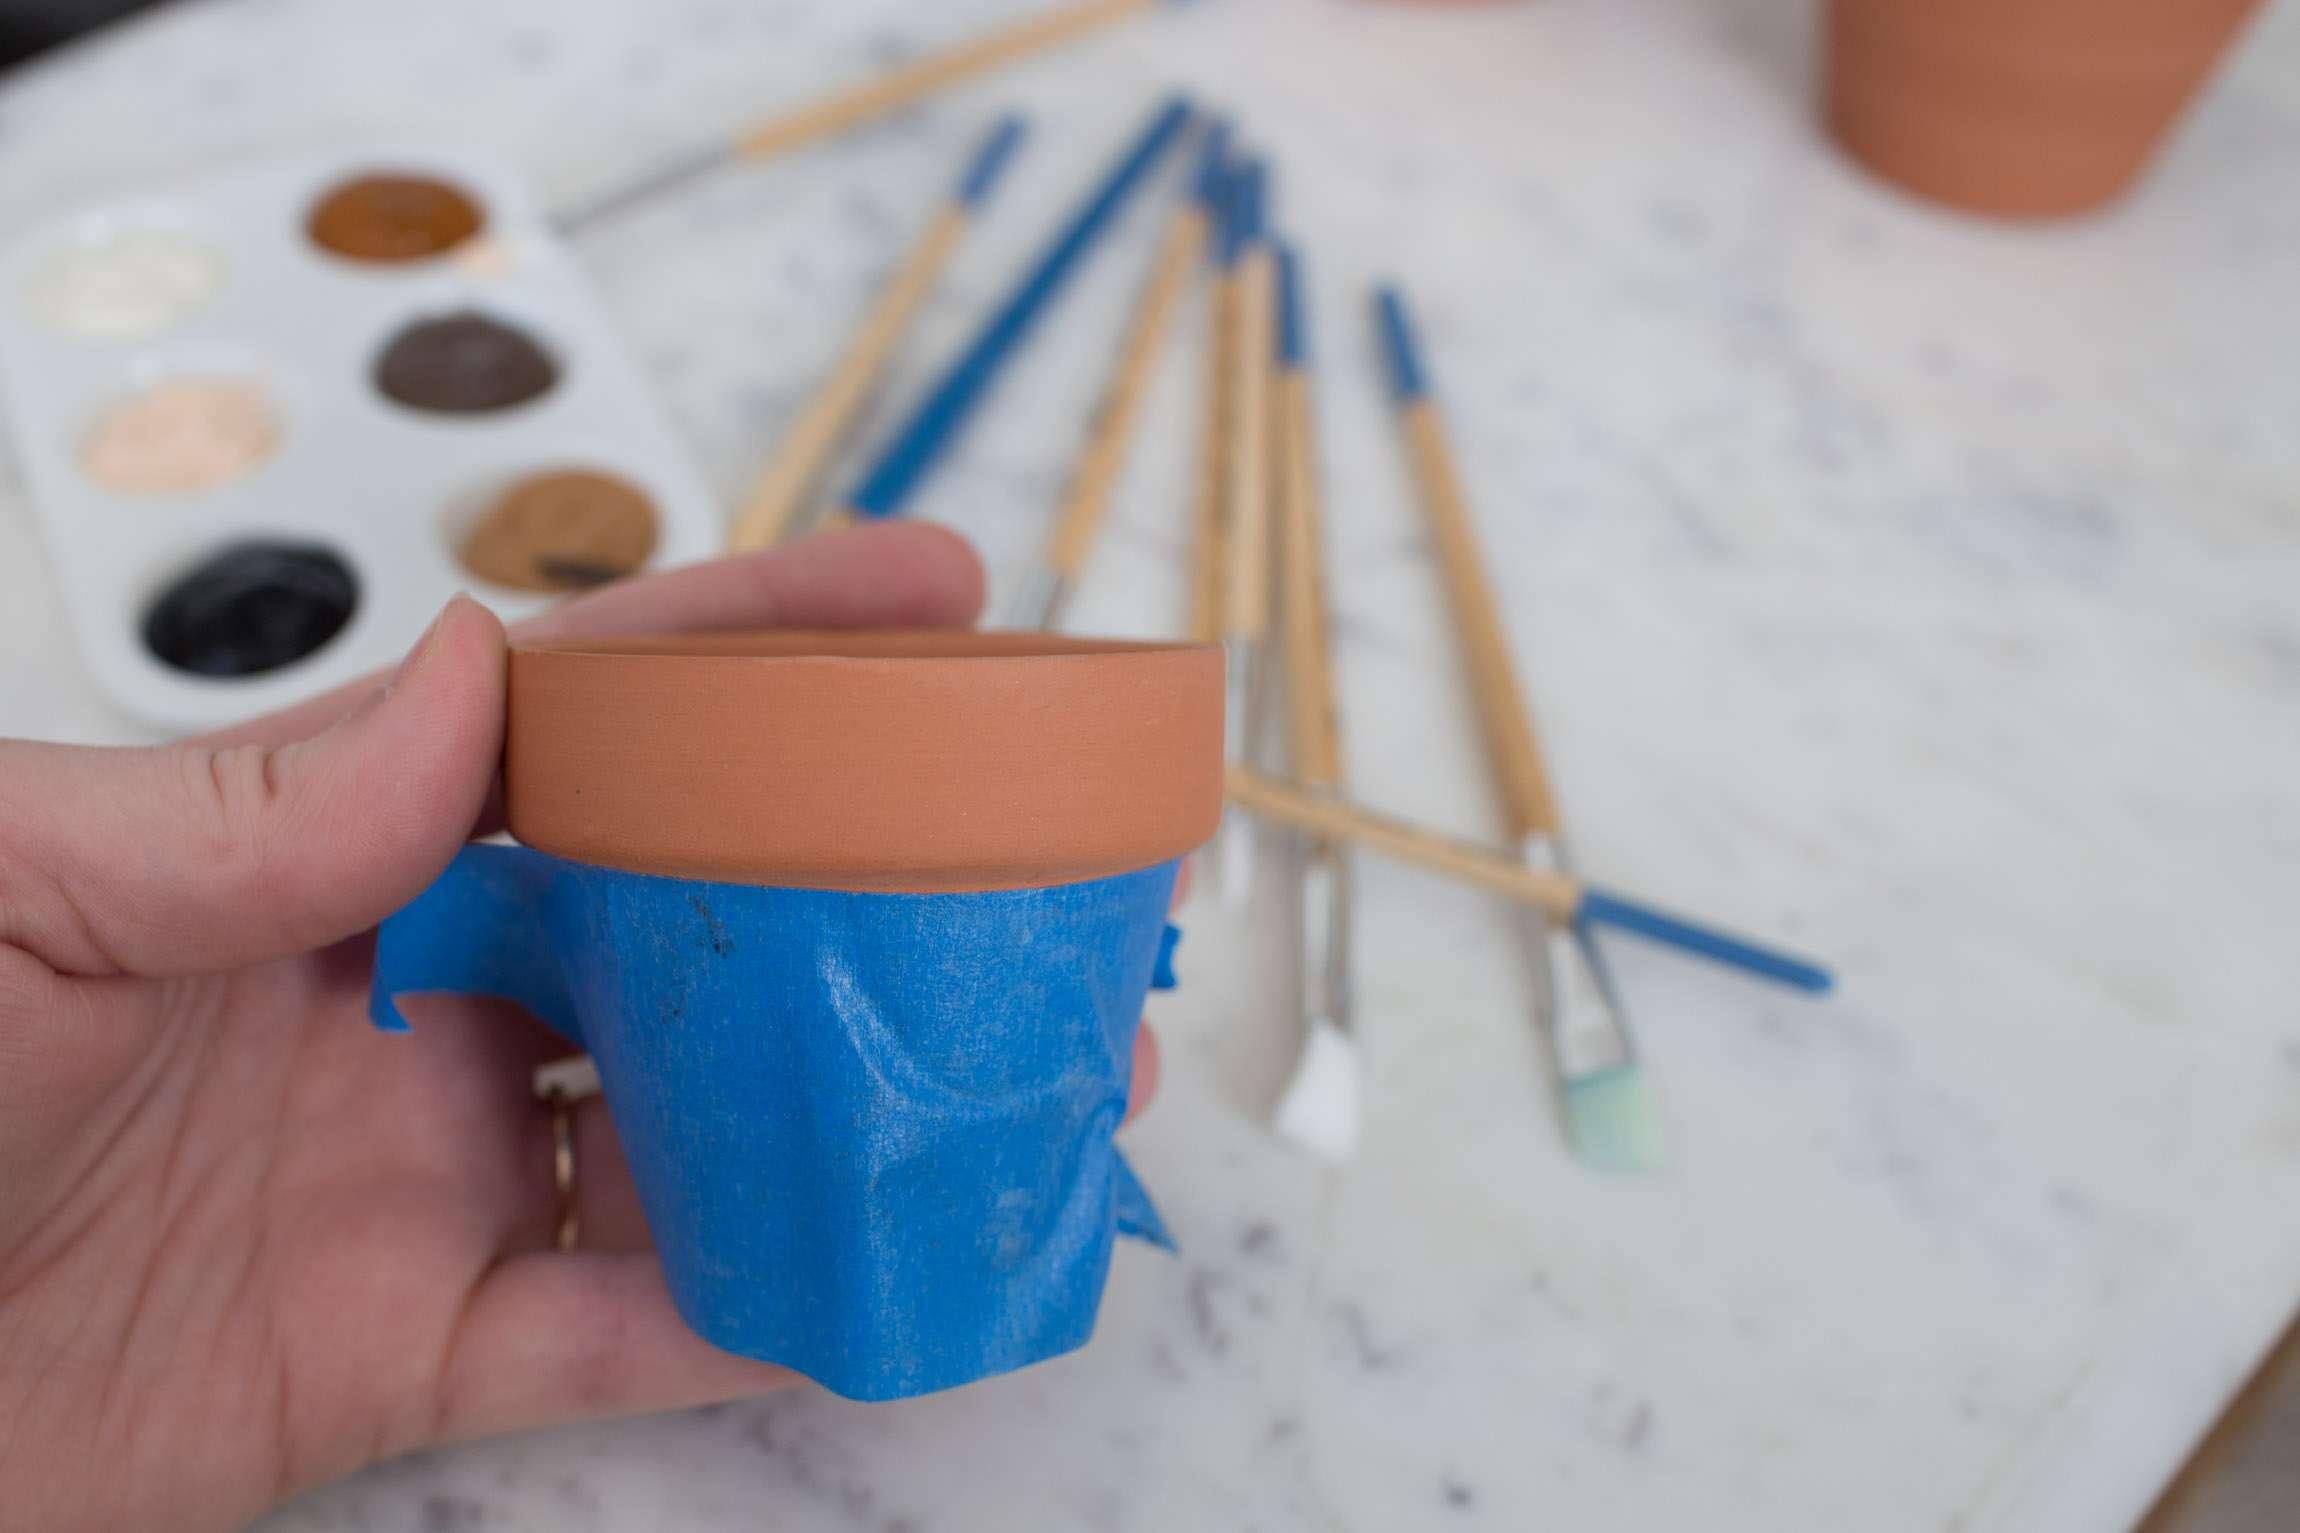 Painter's tape on pot